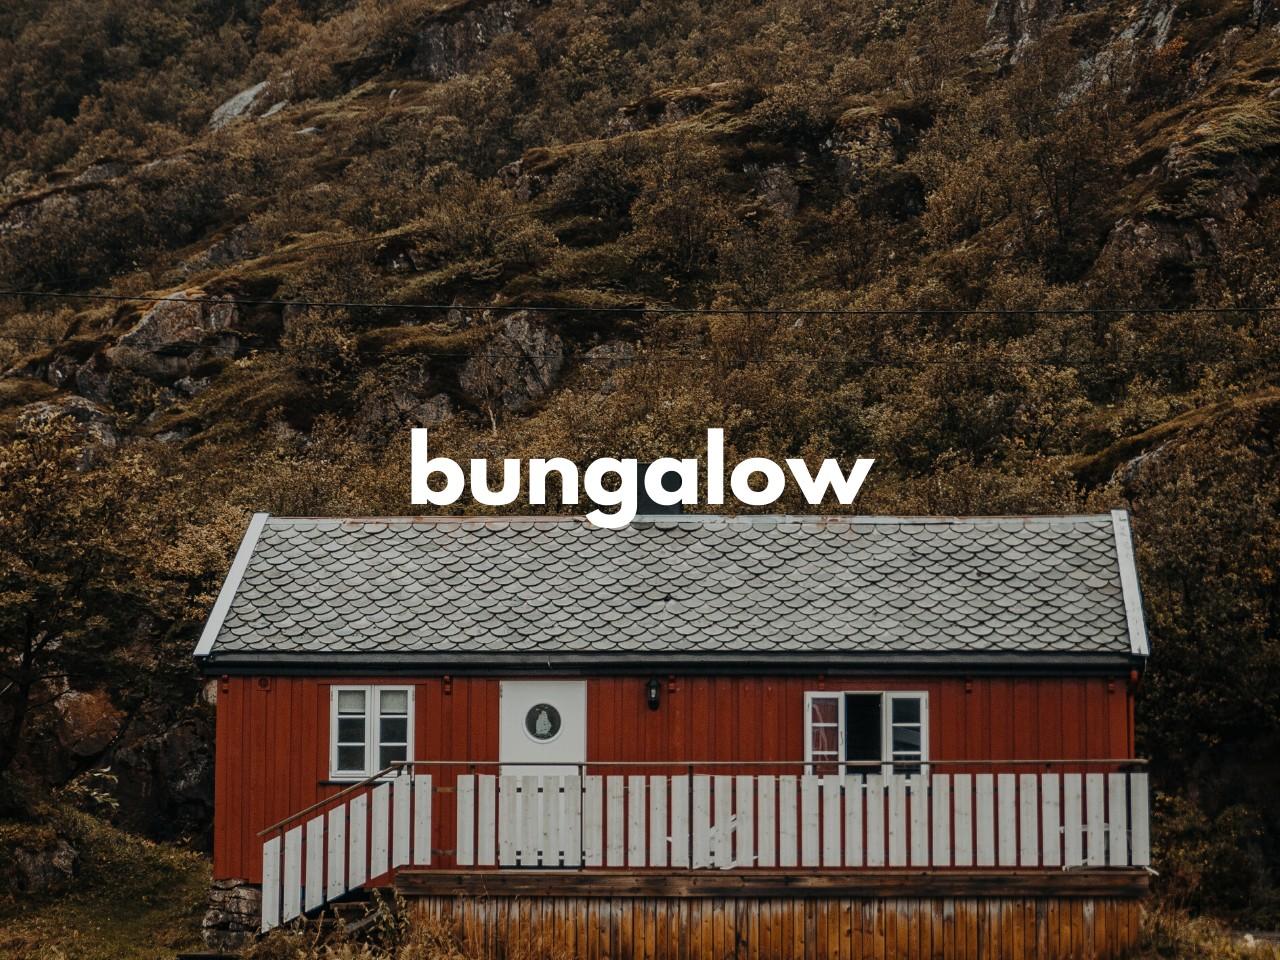 bungalow : バンガロー